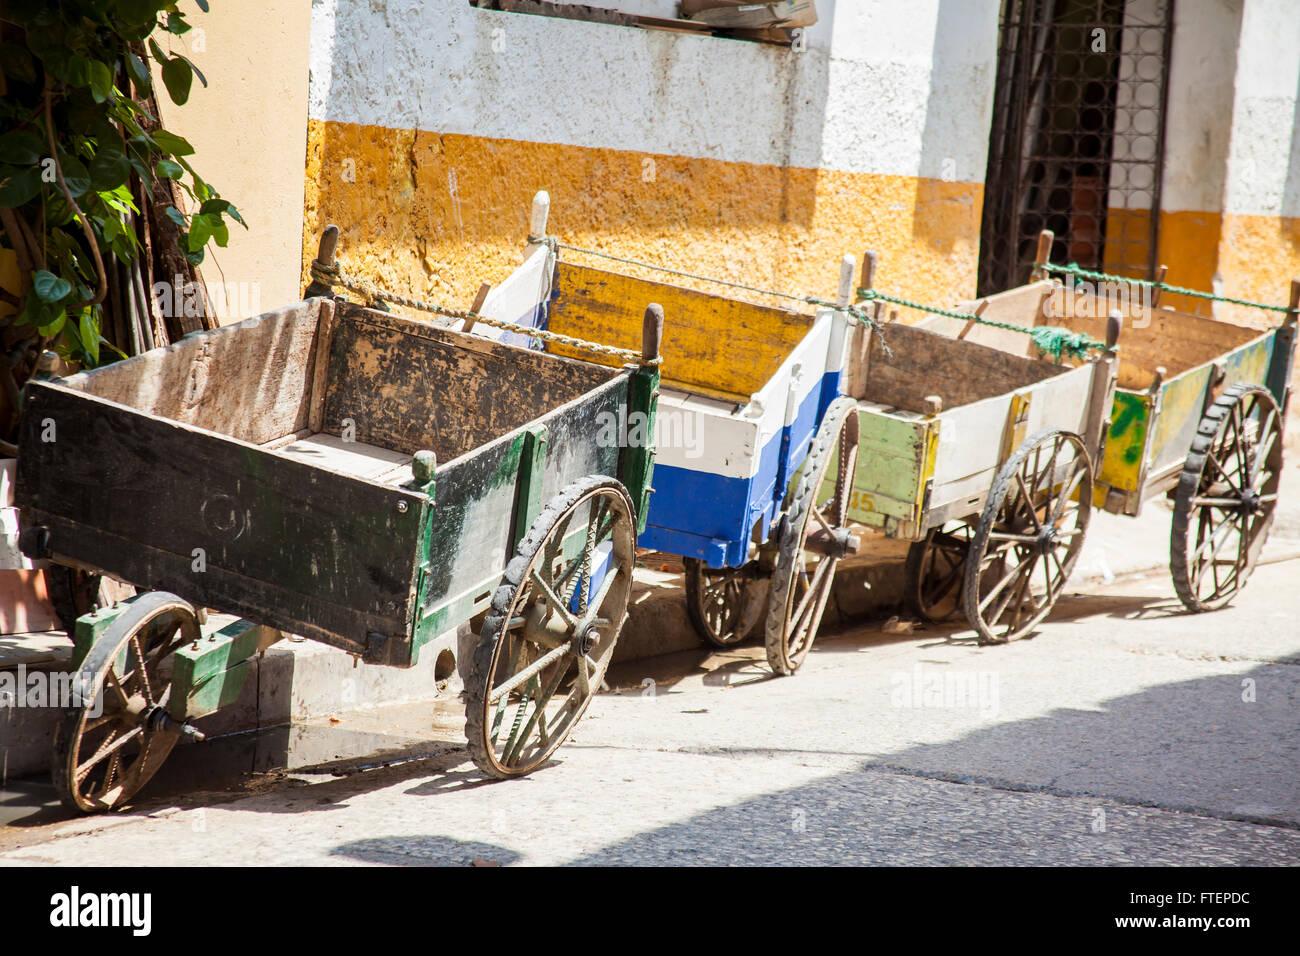 Traditional wagon in Cartagena de Indias - Stock Image